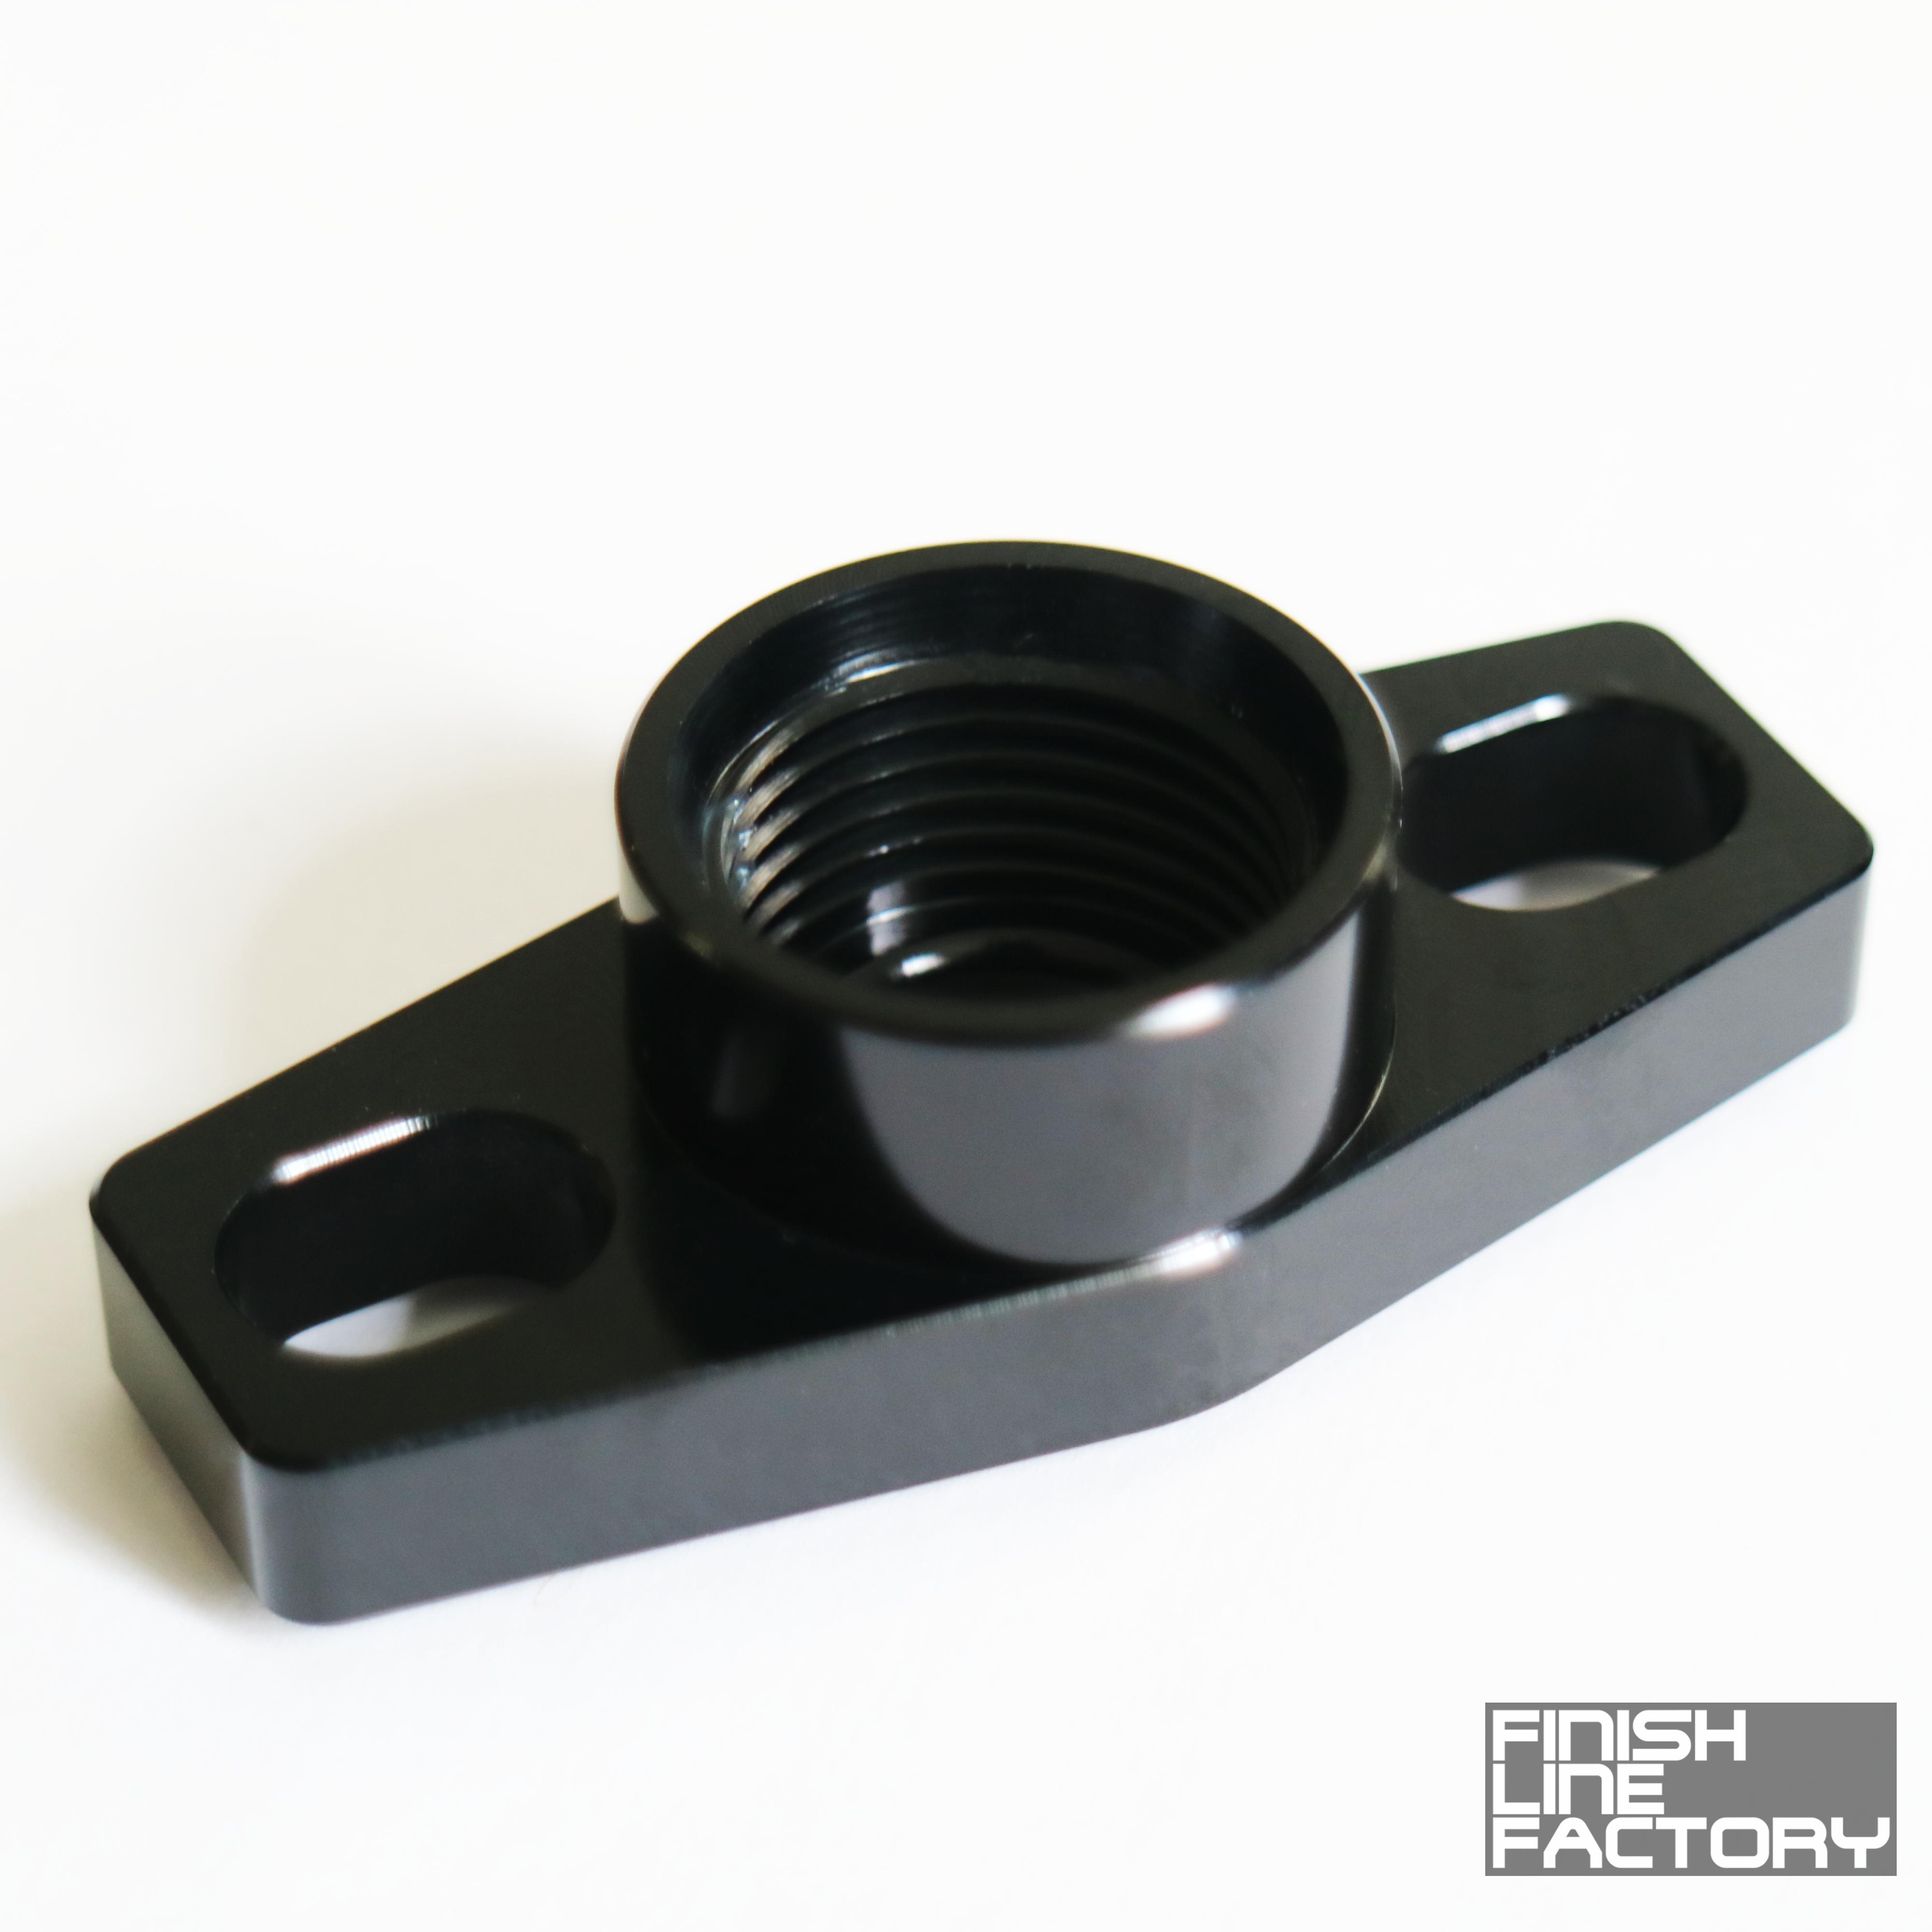 Precision Turbo Oil Drain: Turbo Oil Drain Adapter (Female)